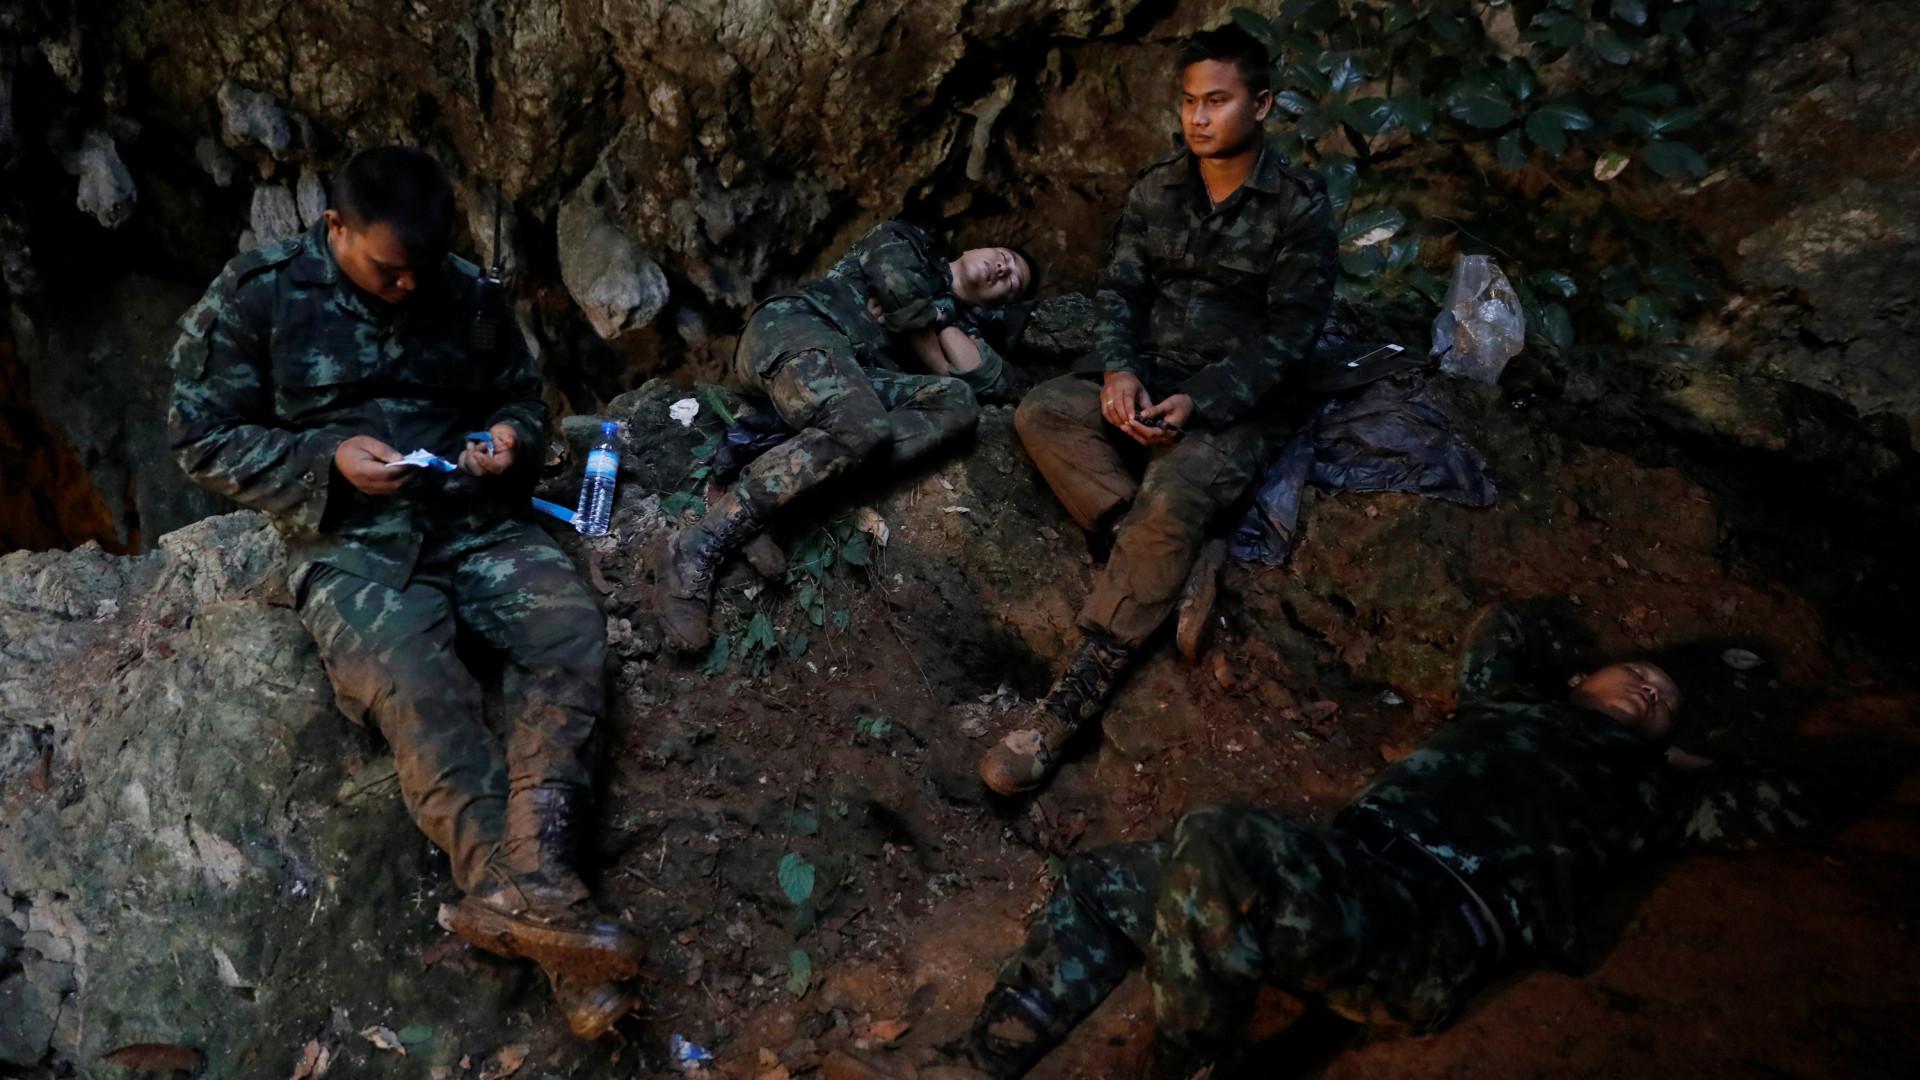 Já se planeia produção cinematográfica sobre crianças presas em gruta